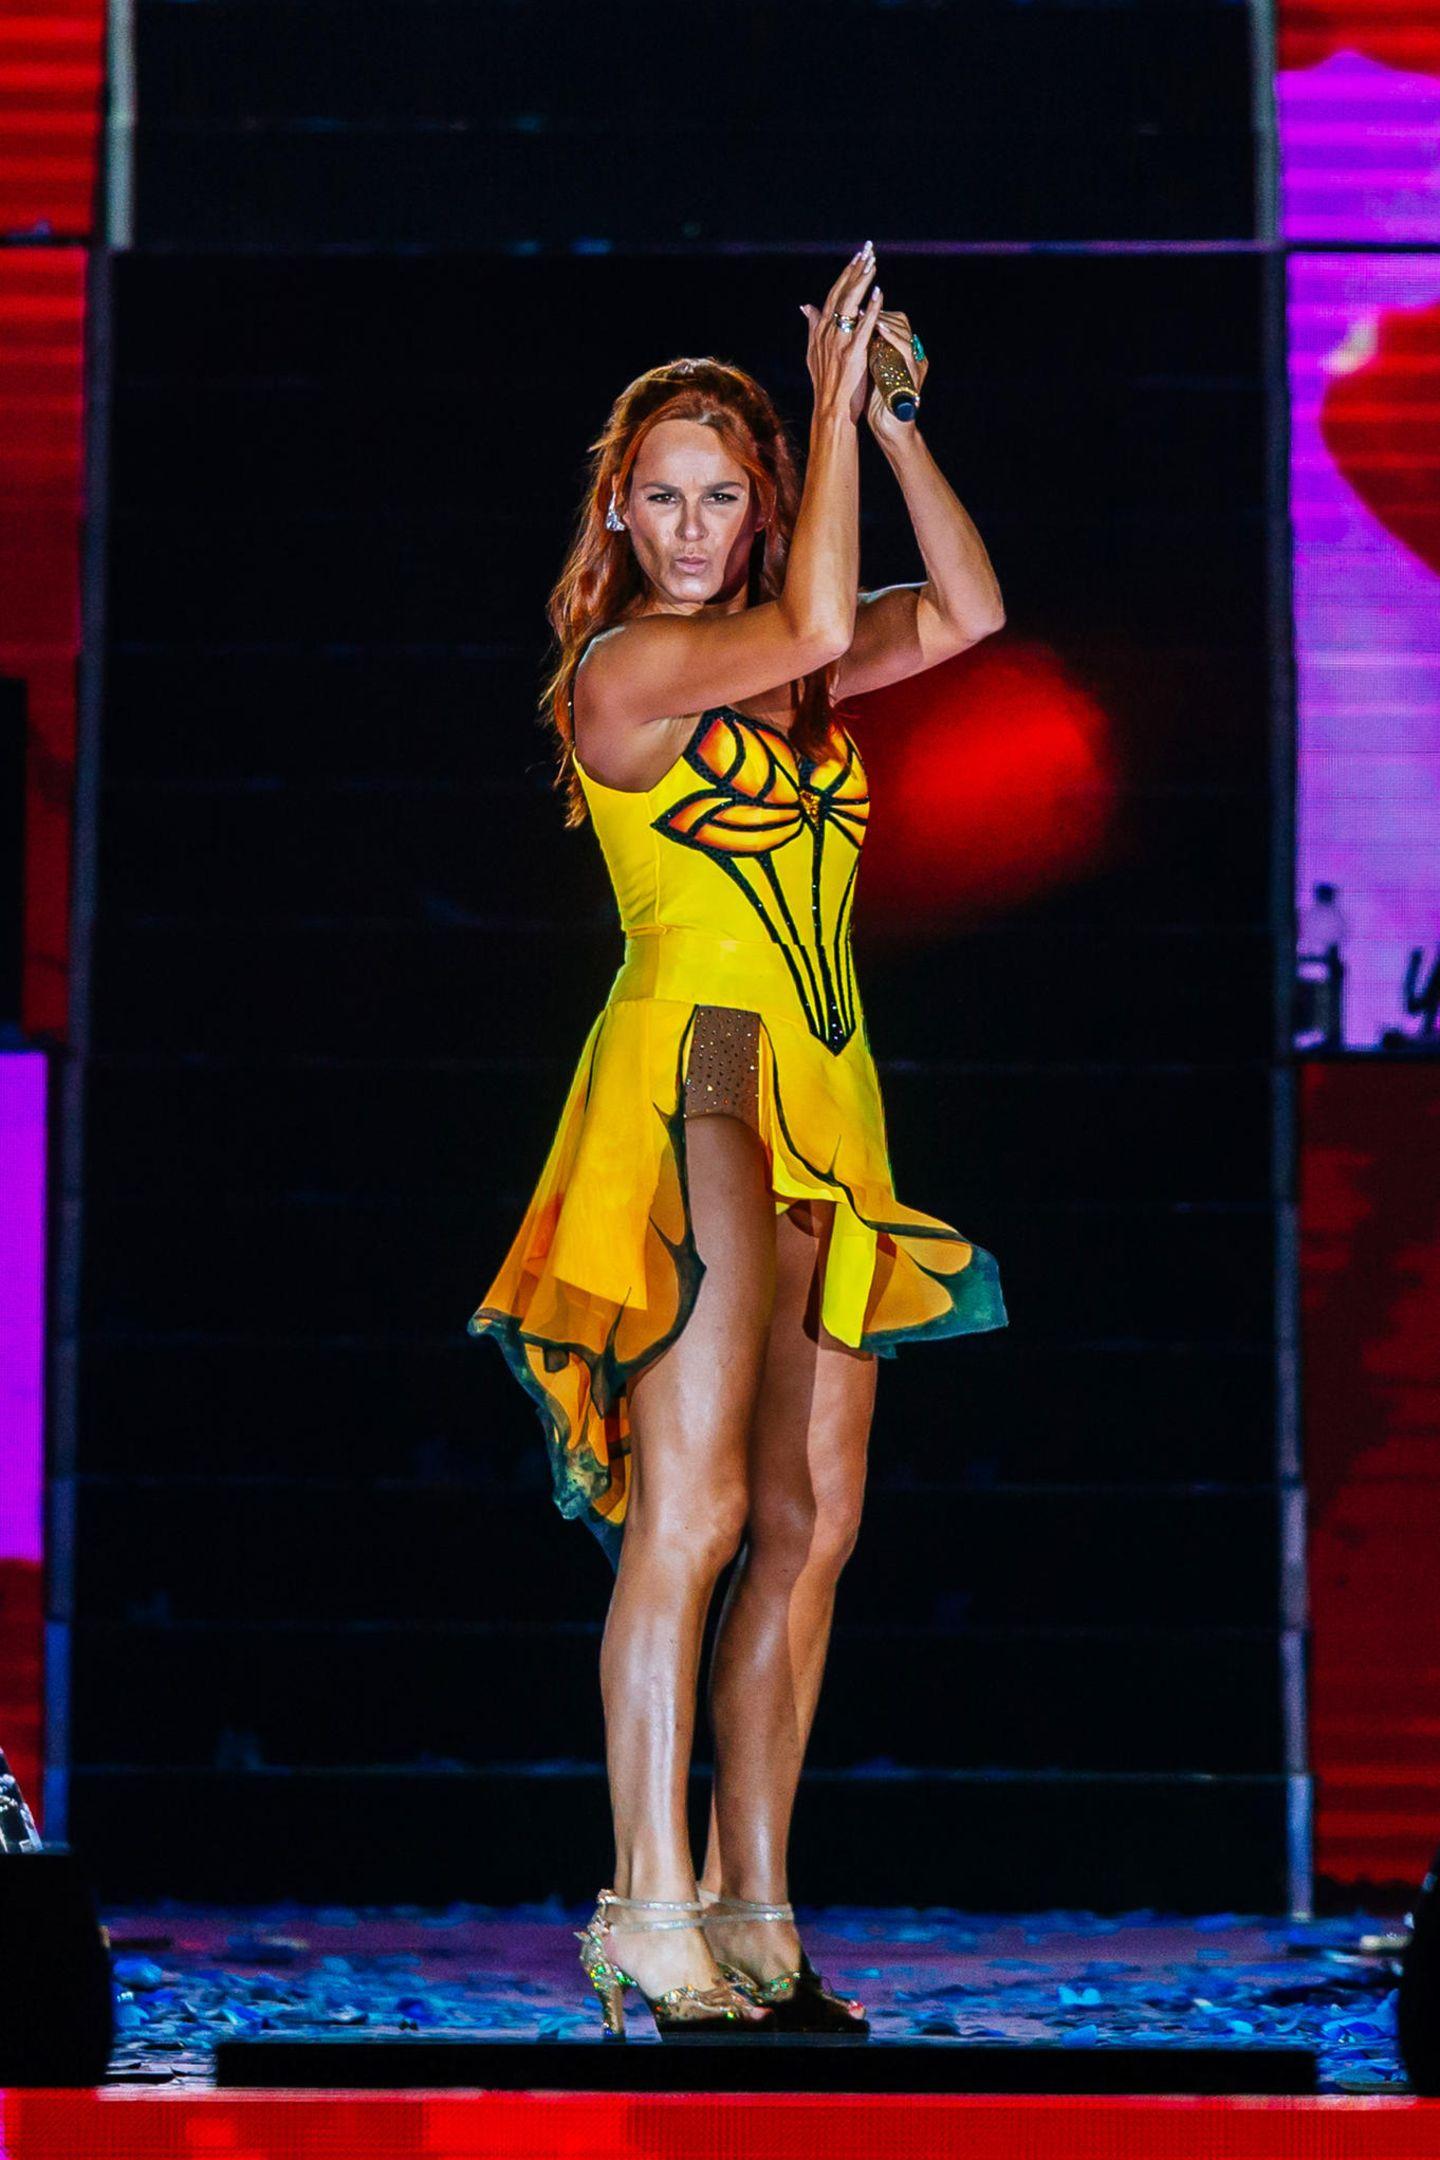 Das alljährliche Konzert in ihrer Heimat Aspach ist für die Fans von Andrea Berg immer wieder ein absolutes Highlight. Rund 15.000 von ihnen feierten mit dem Schlagerstar in der Mechatronik-Arena. Neben ihrer beeindruckenden Musik-Performance, begeisterte die Sängerin vor allem mit ihren sexy Outfits ...